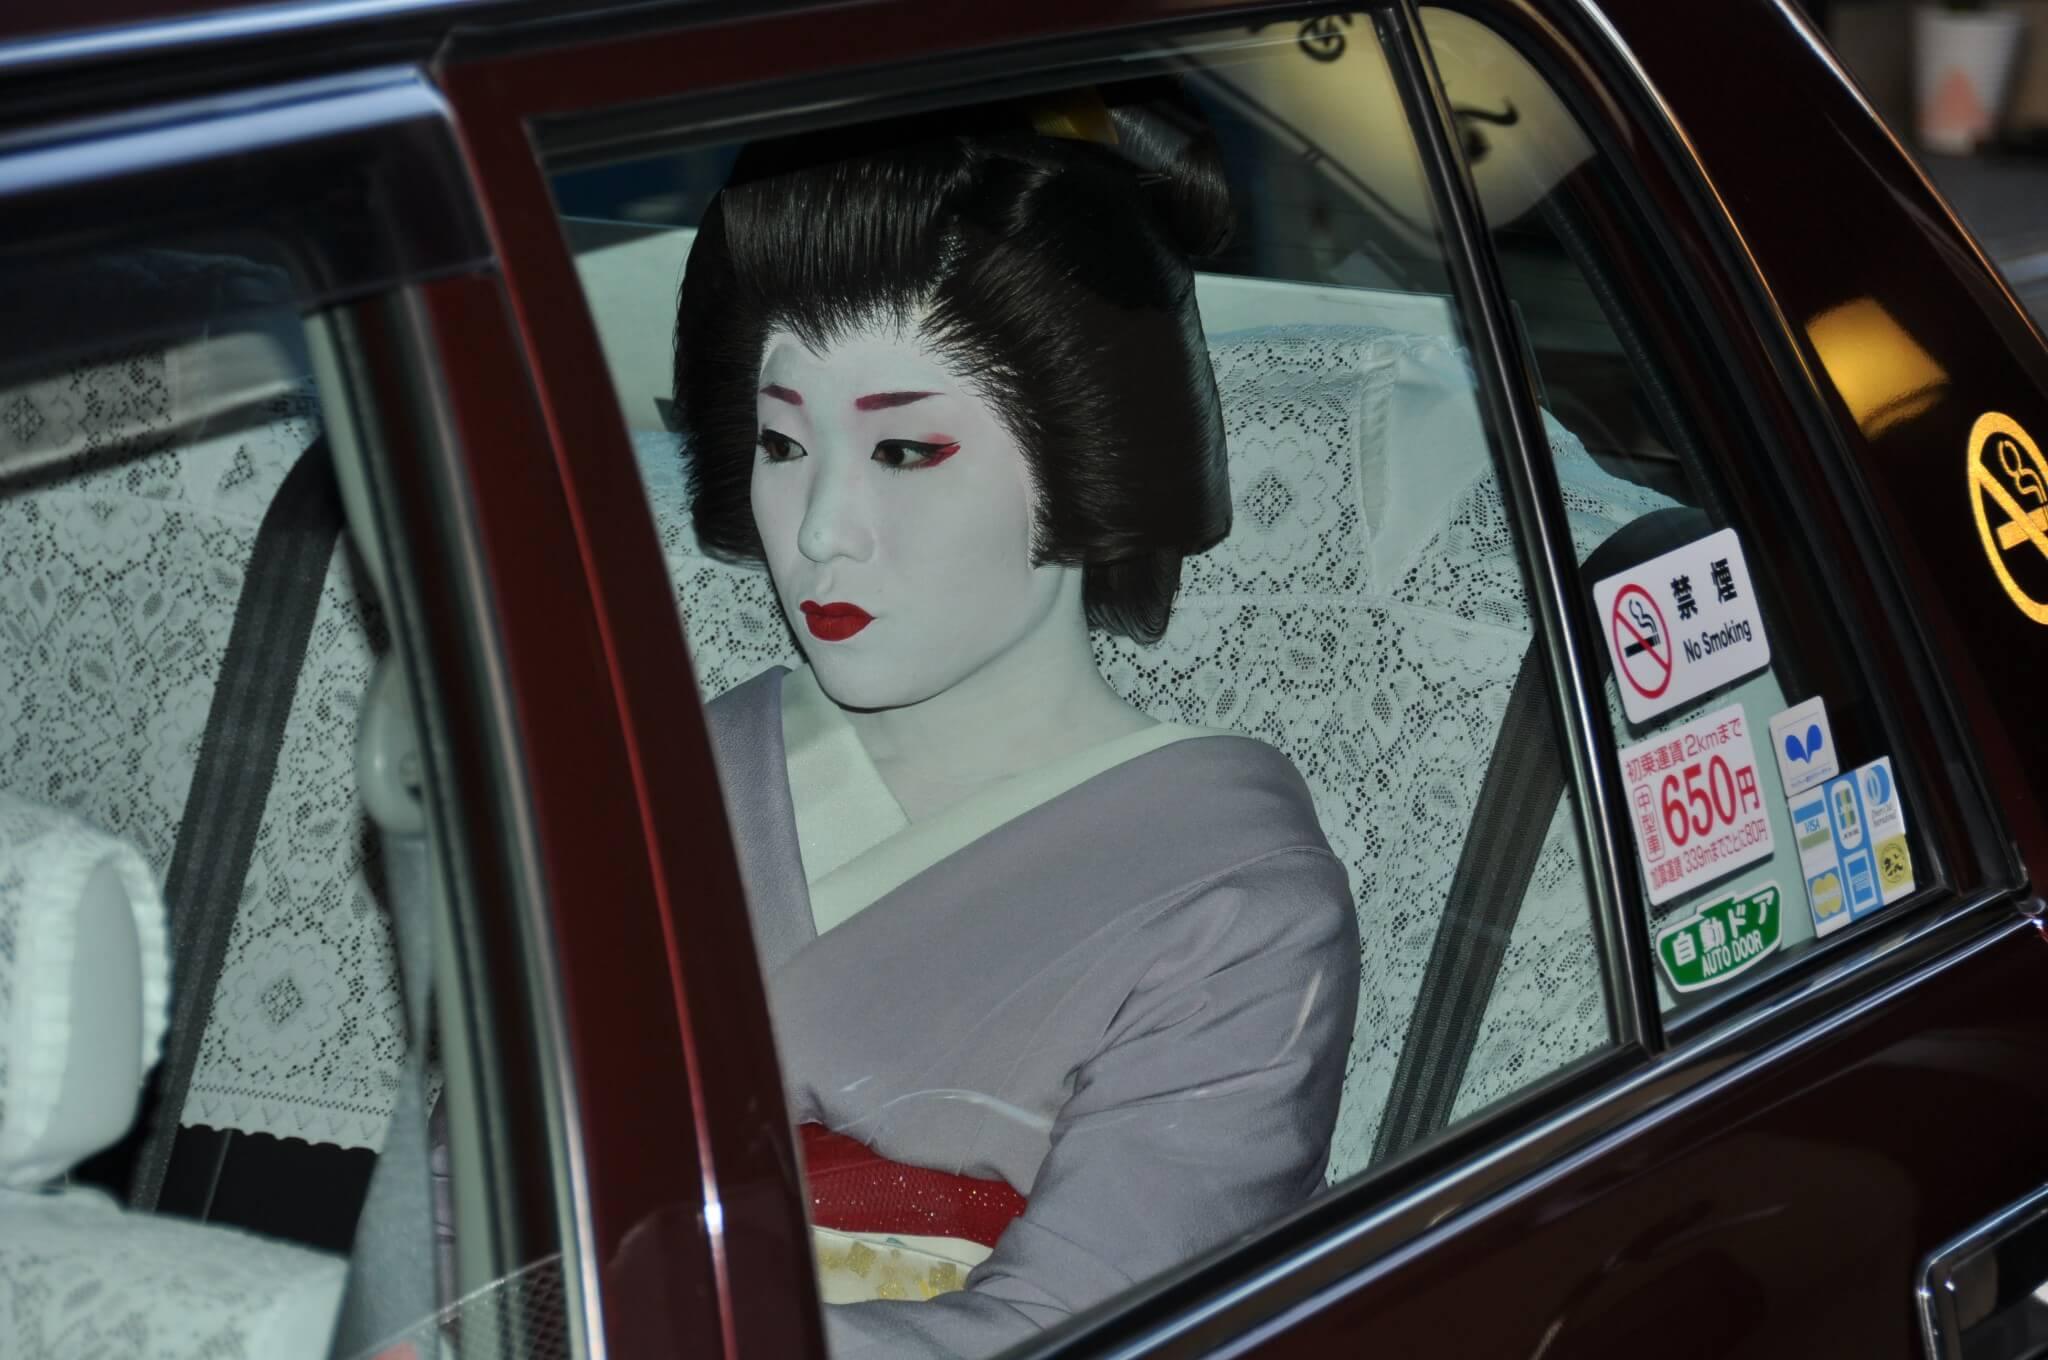 Kioto Geishas